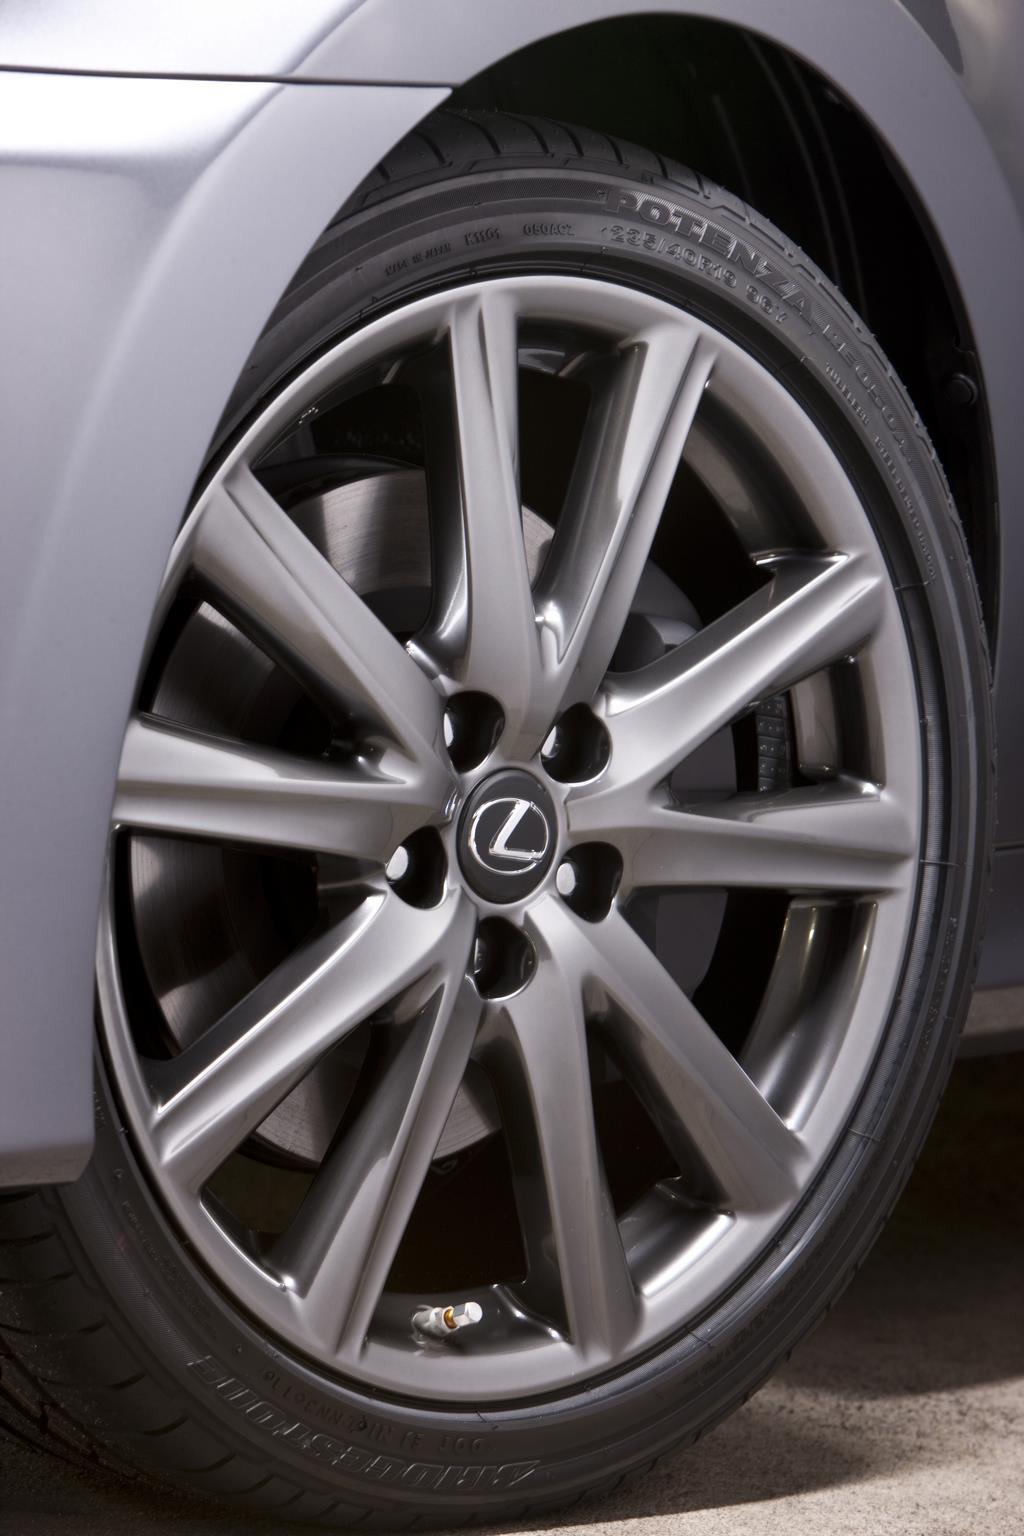 2015 Lexus GS 350 F SPORT Wheels